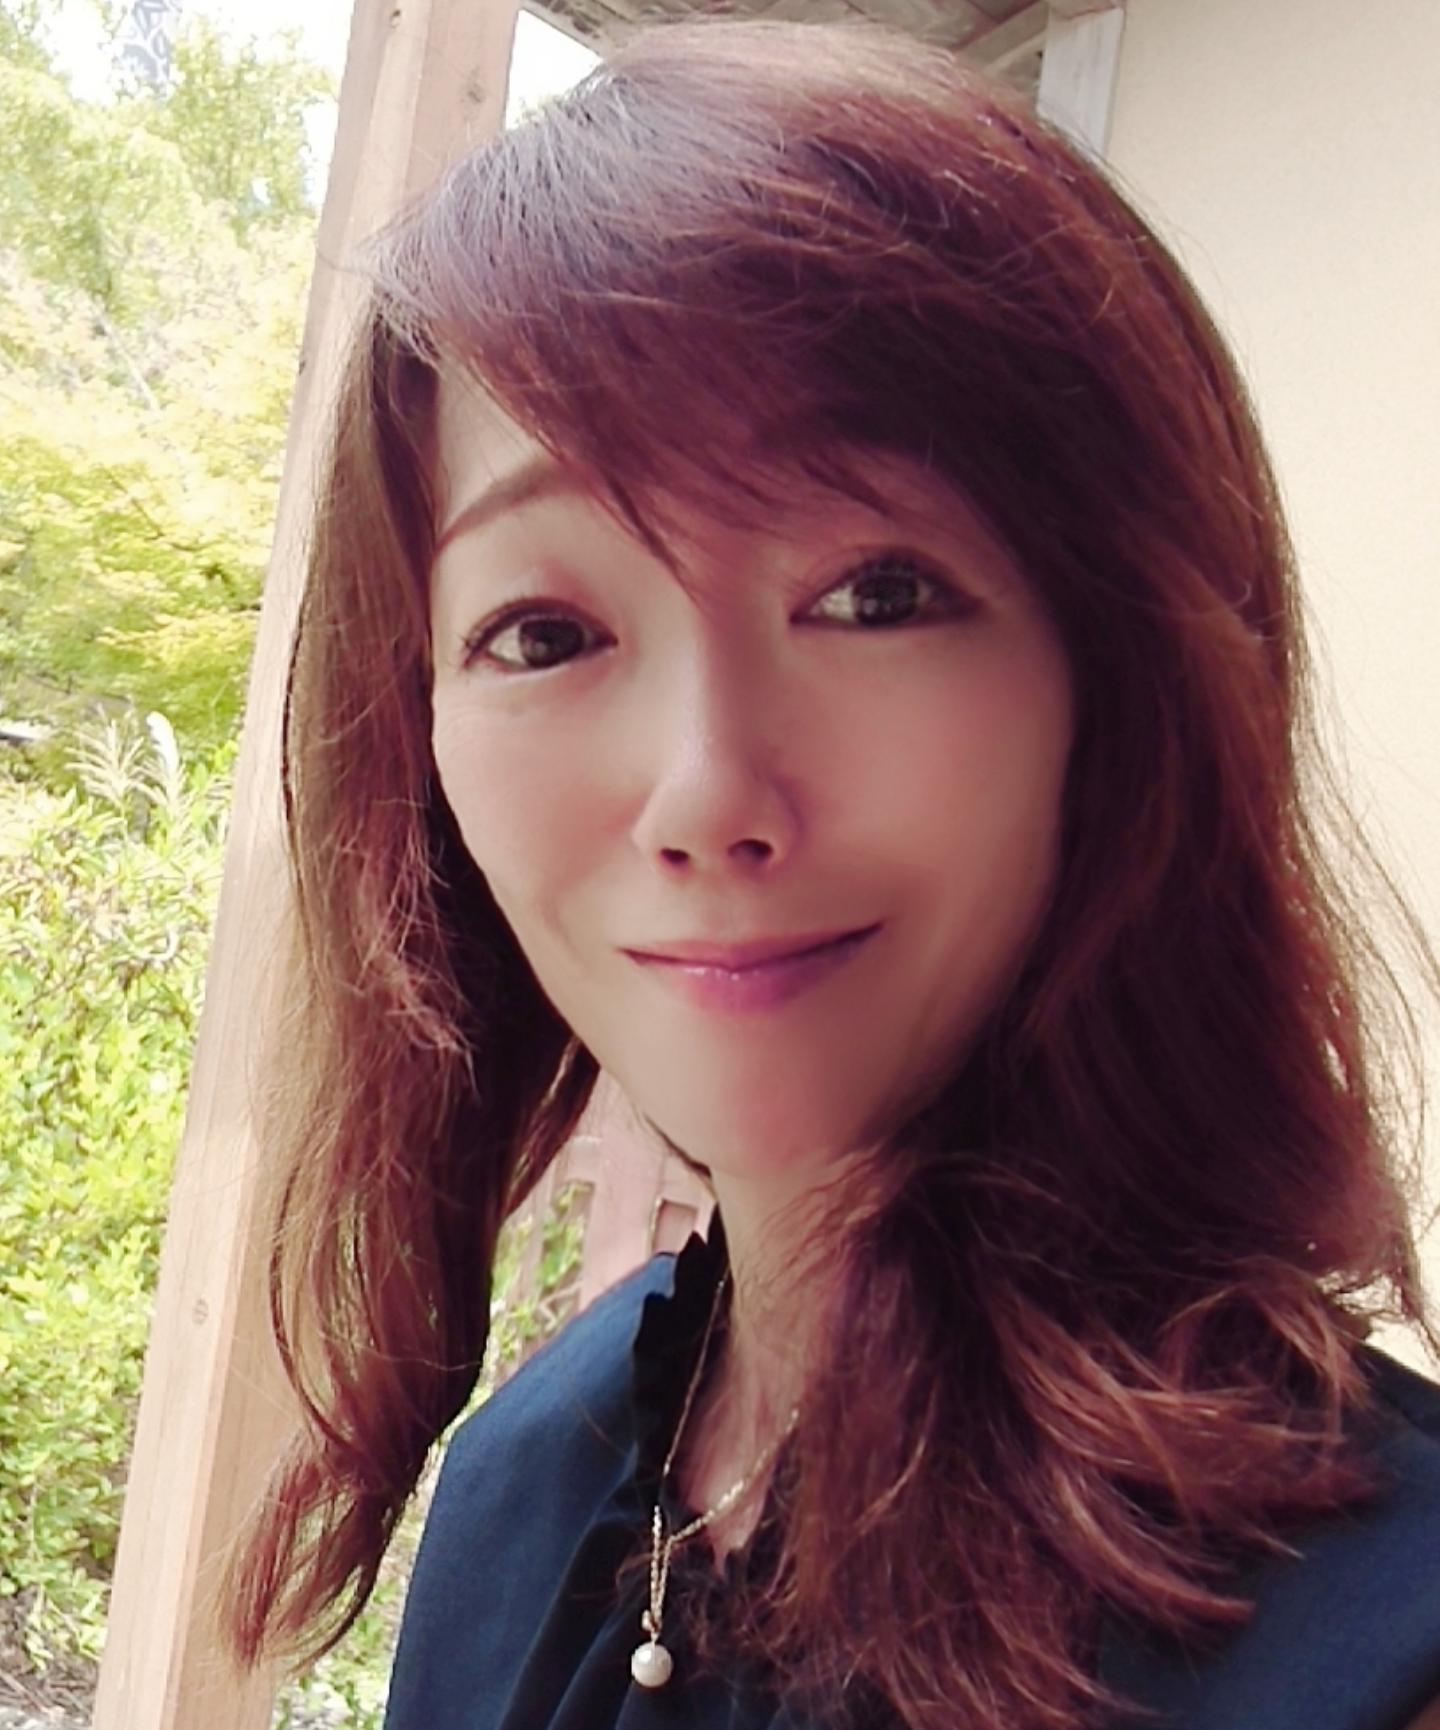 Jun Sano